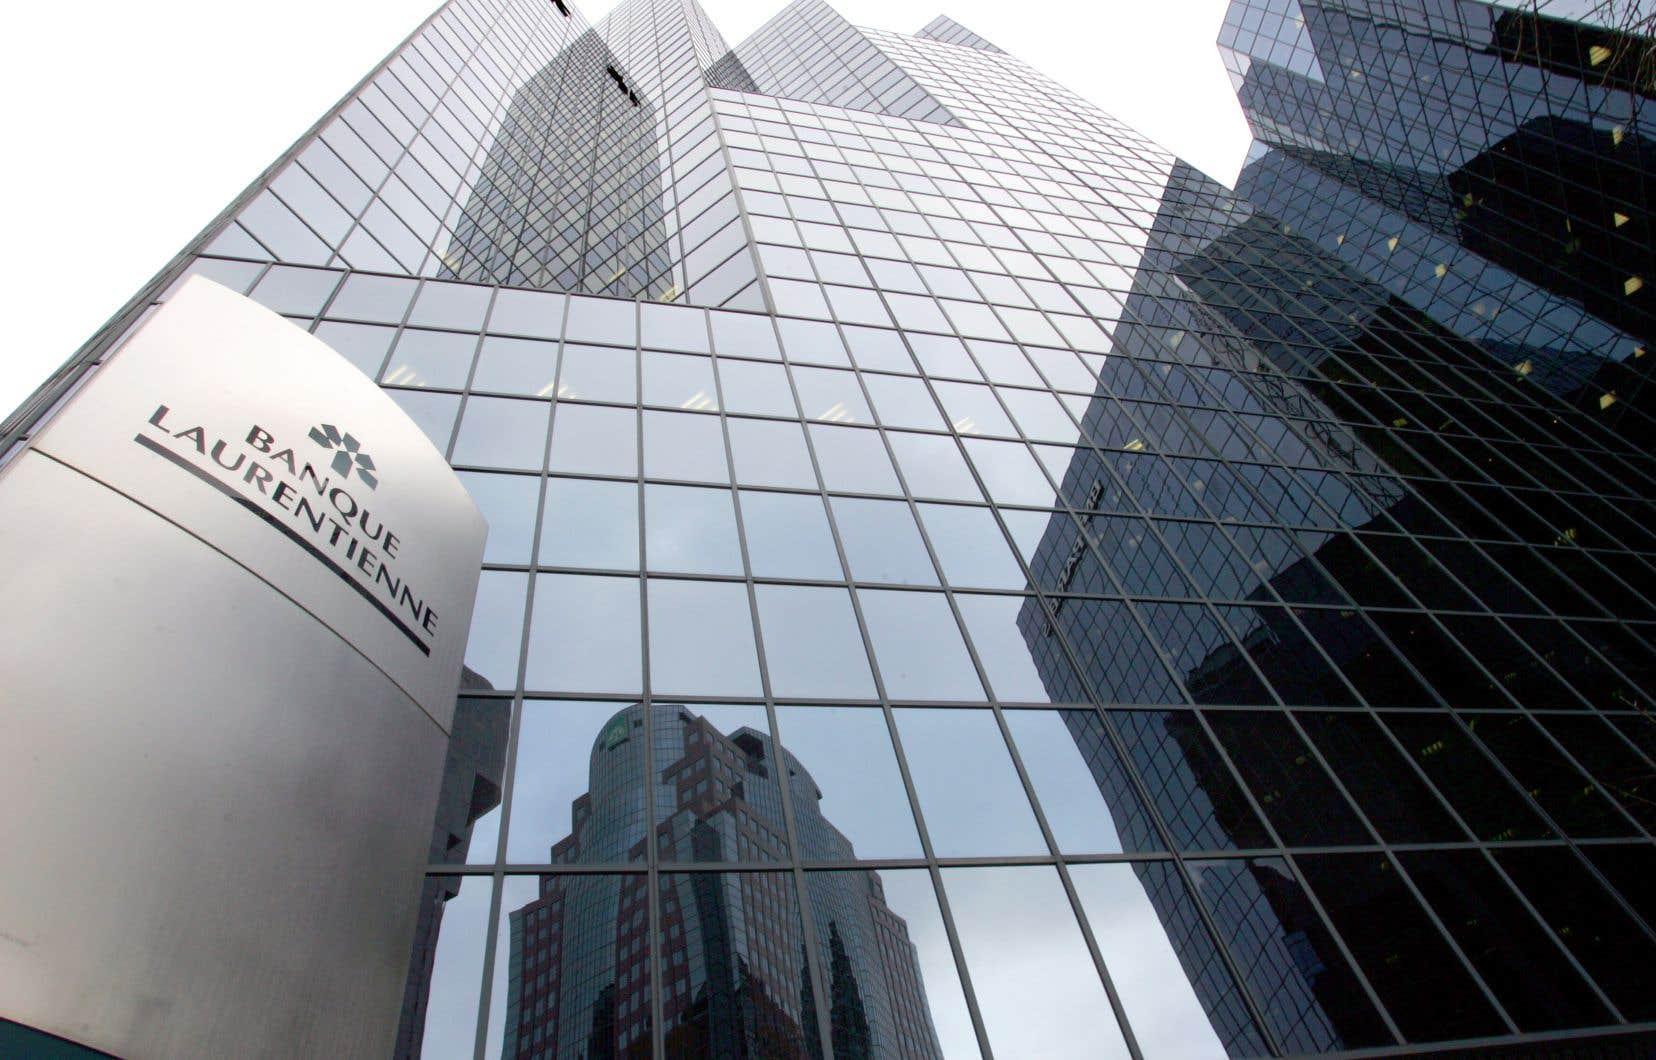 Un récent examen du processus d'origination dans le réseau de courtiers hypothécaires a révélé une foule de problèmes et des correctifs ont été apportés.